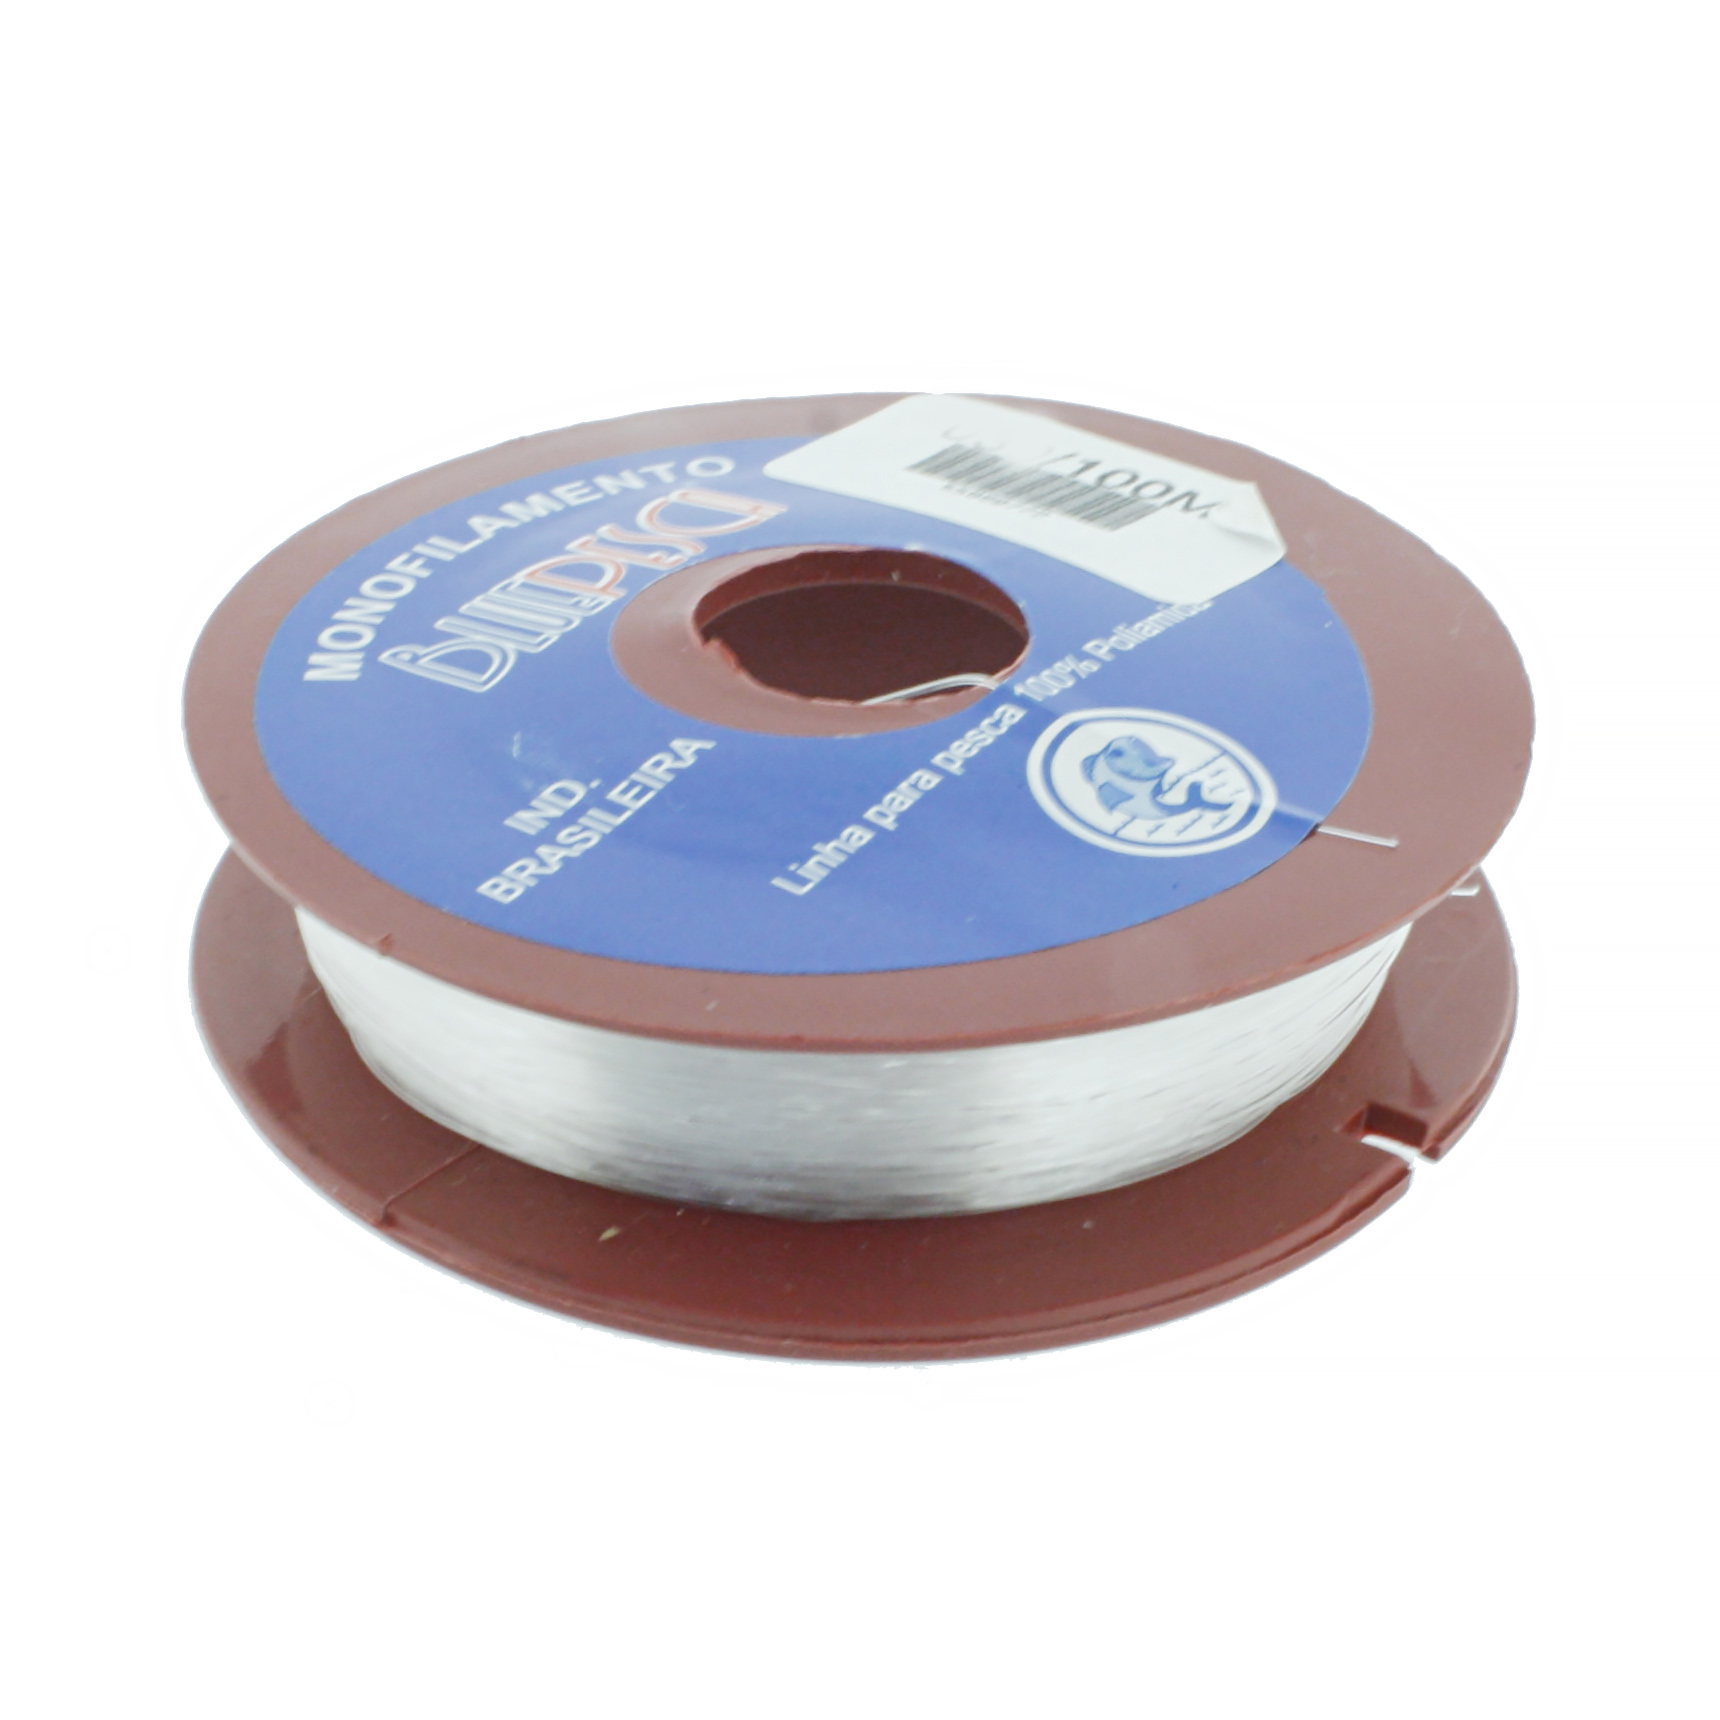 Fio de Nylon - 0,25mm  - Stéphanie Bijoux® - Peças para Bijuterias e Artesanato